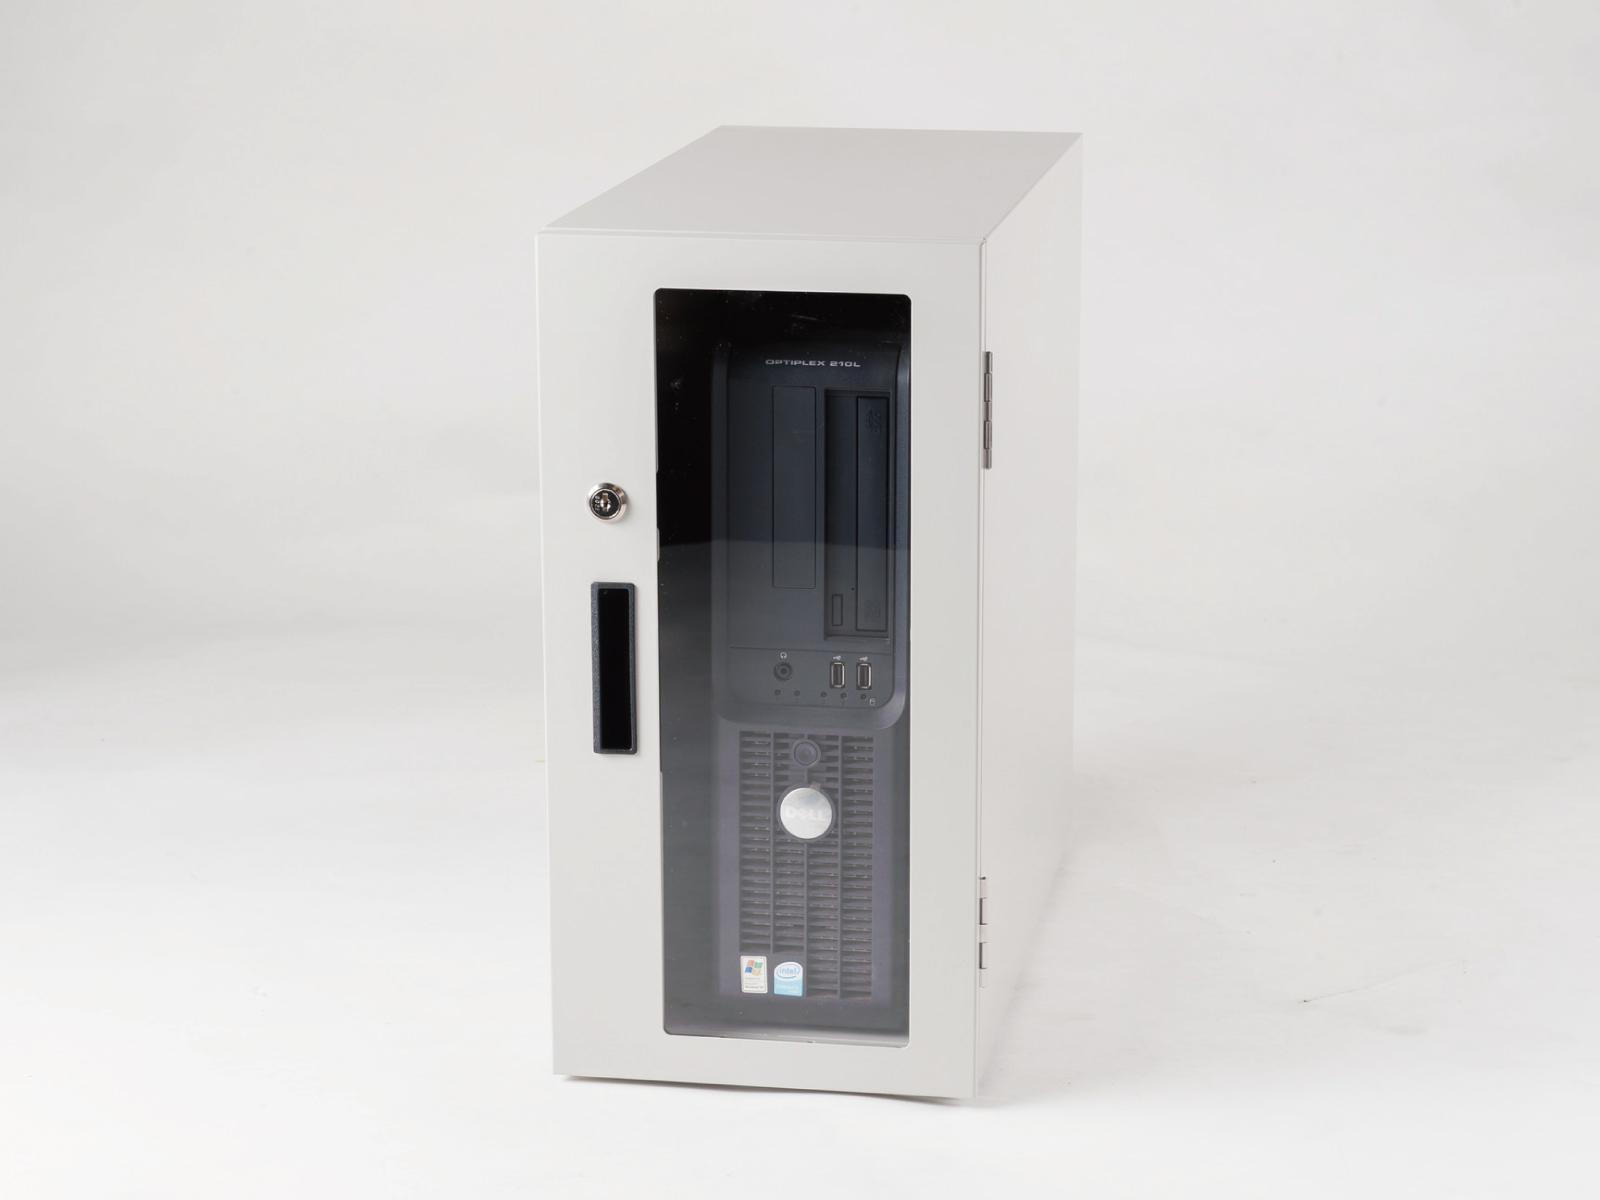 送料無料 防塵ラック PCケース ホコリ 排熱 盗難防止 工場使用可 セイテック Tidy Box CPU 4UW ライトグレー